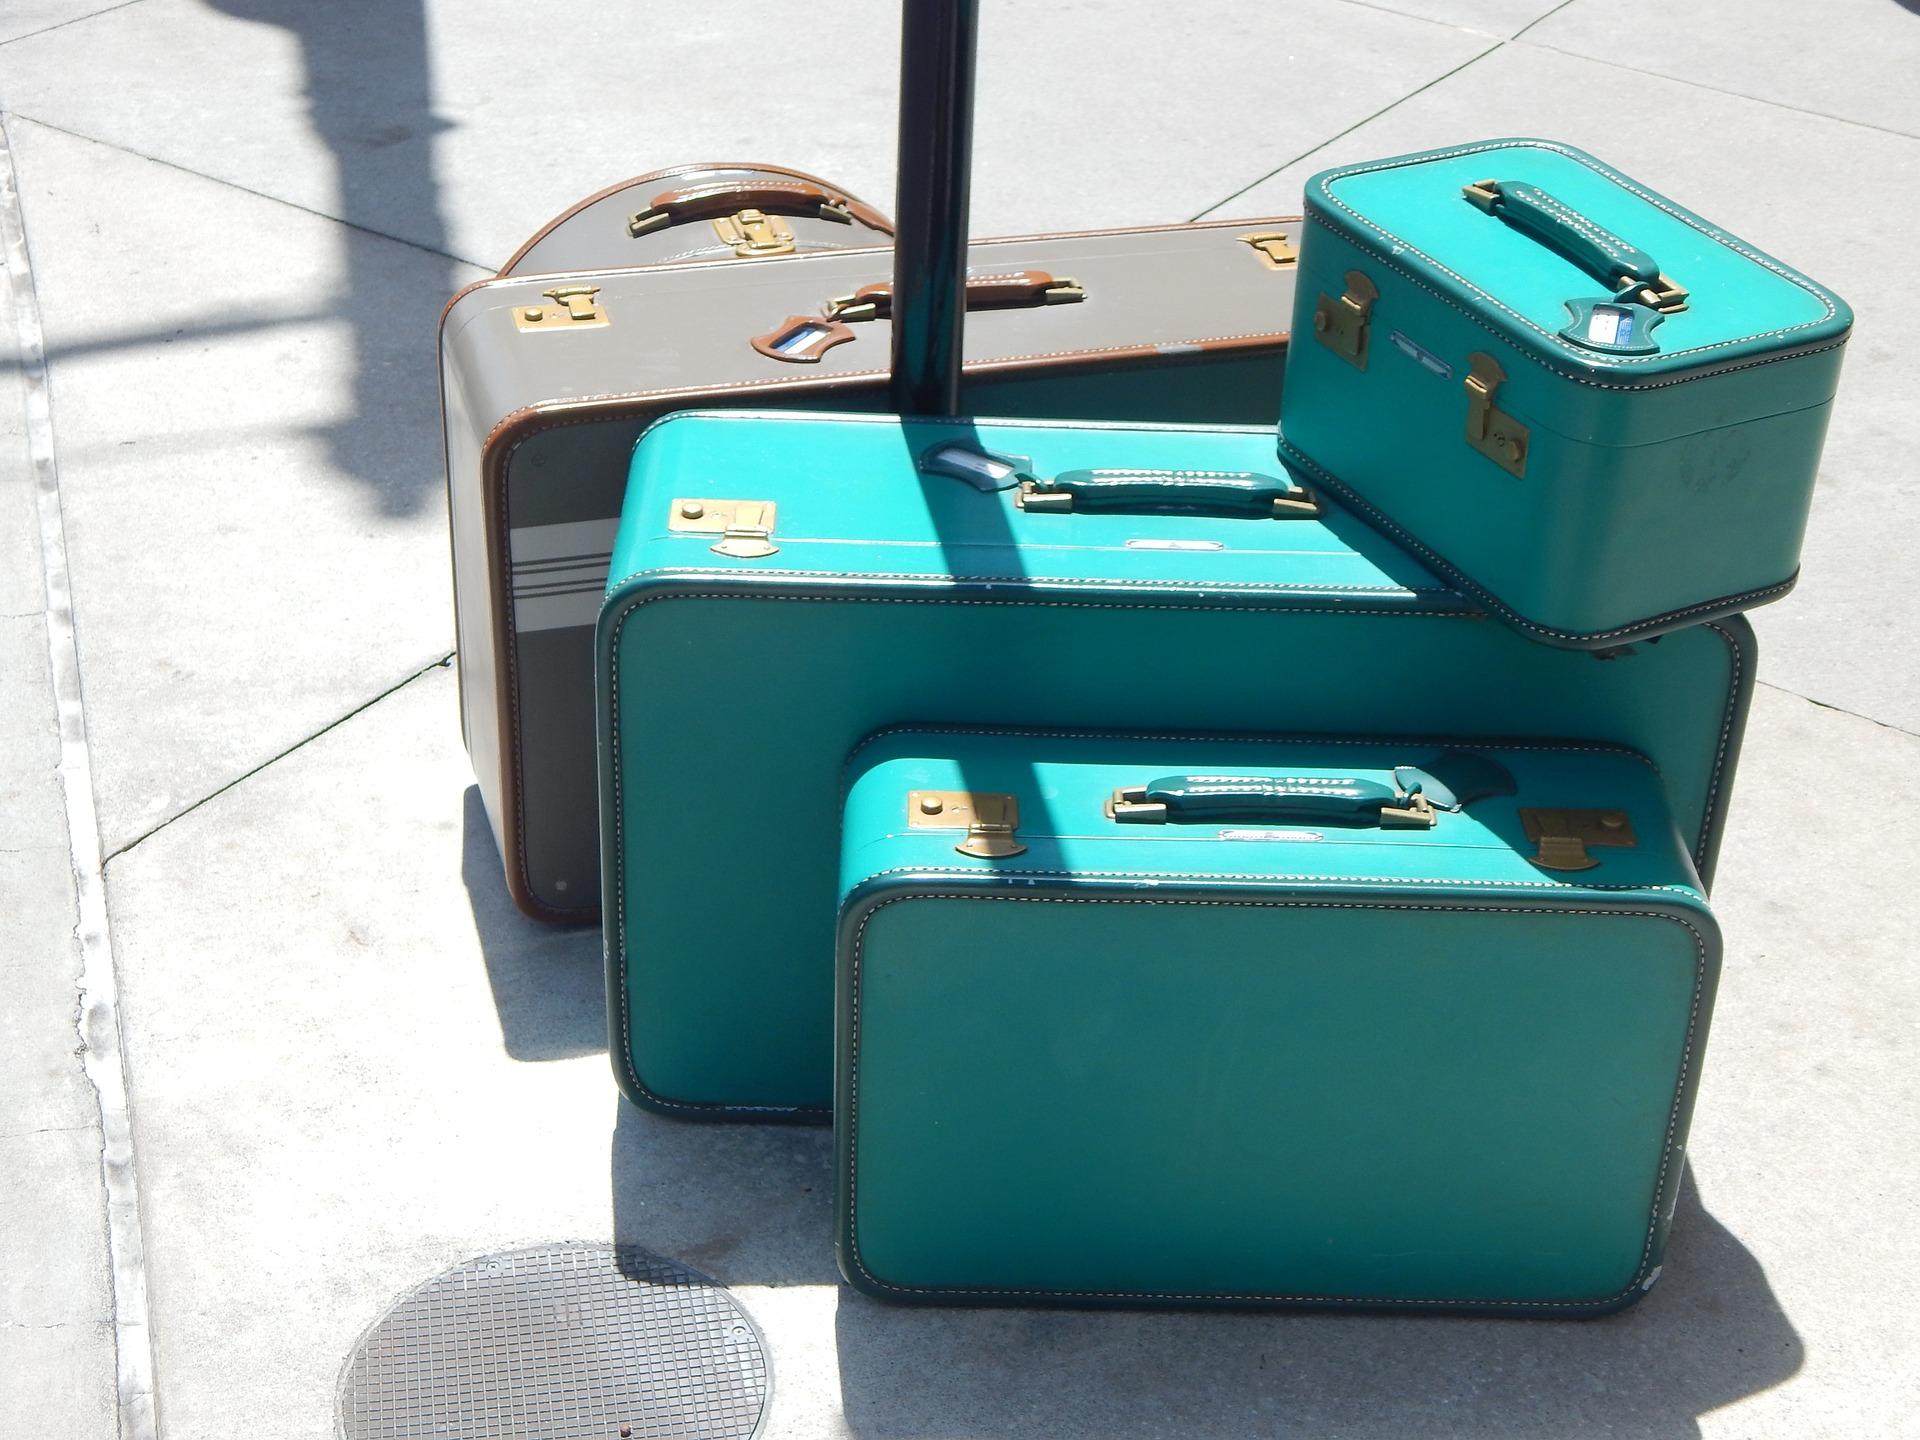 luggage-718059_1920